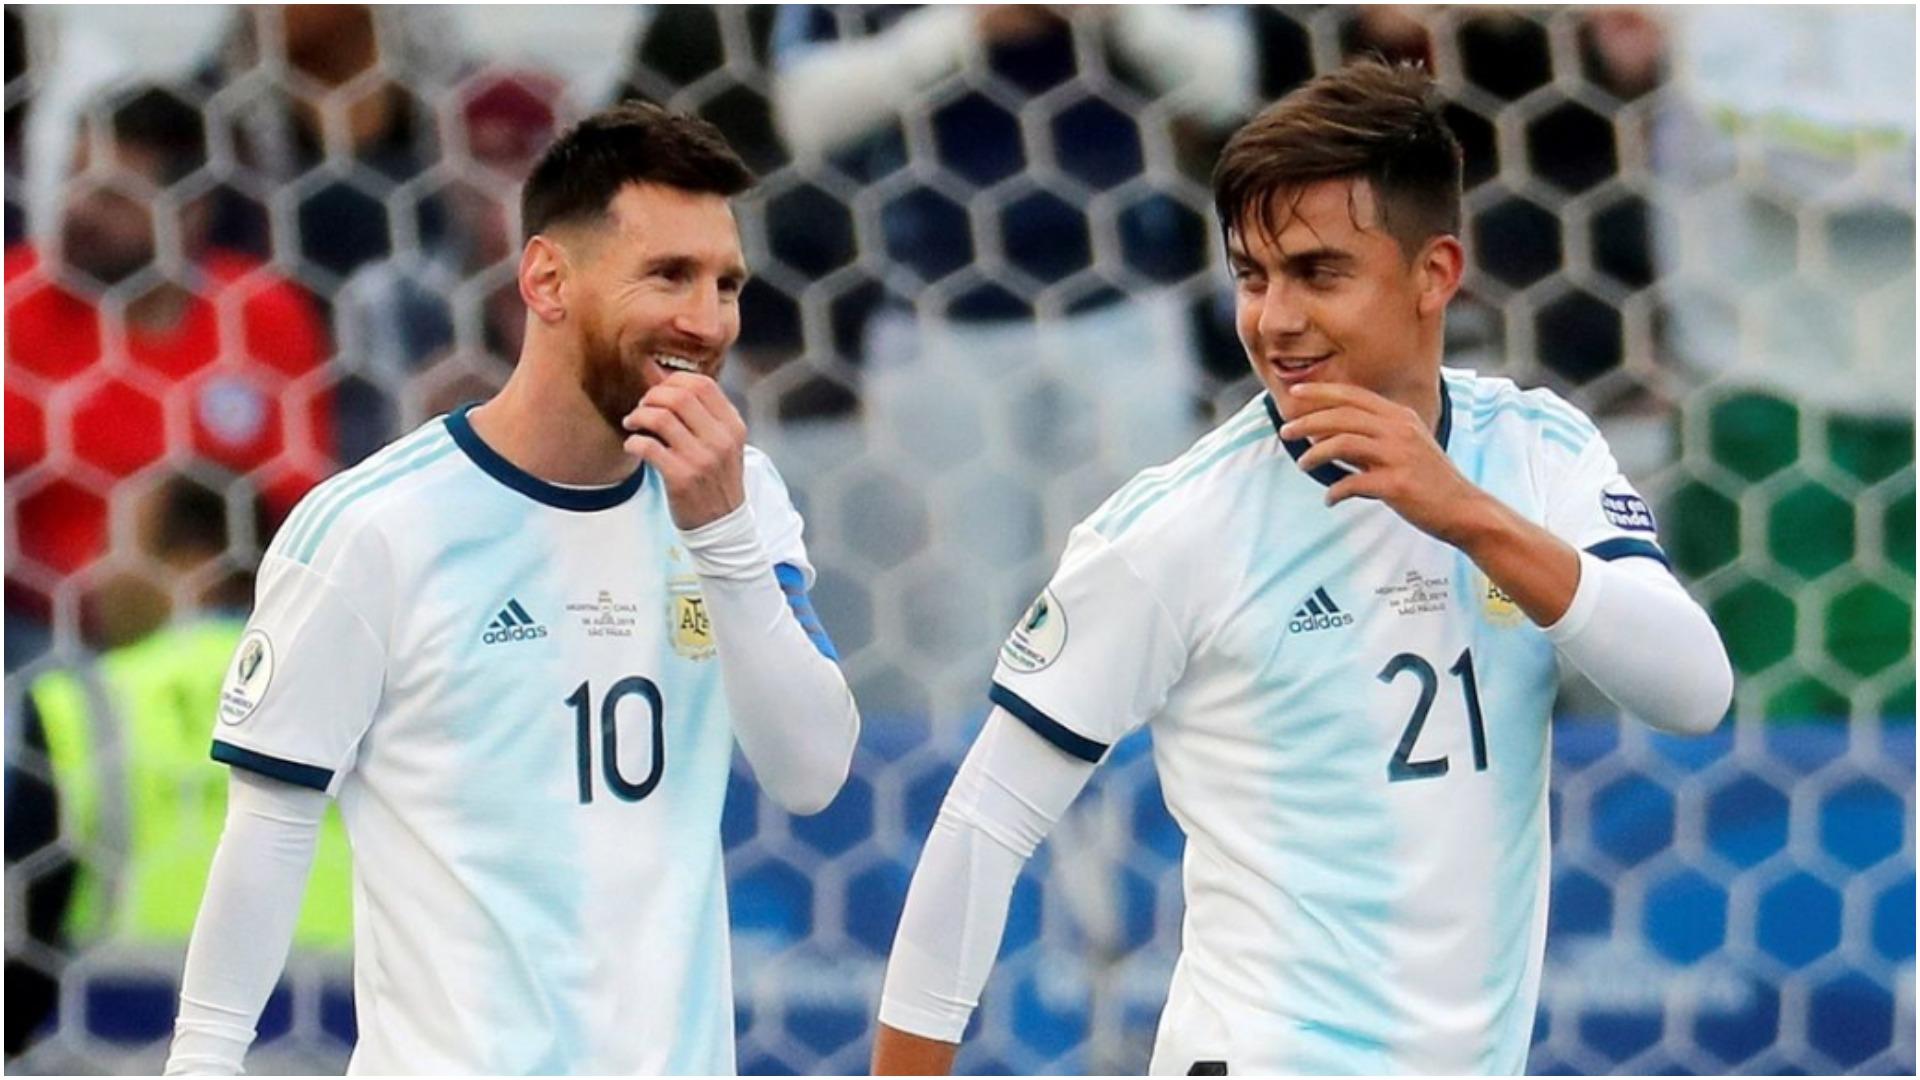 Scaloni shpall listën e Argjentinës, rikthehet Dybala pas 2 vitesh